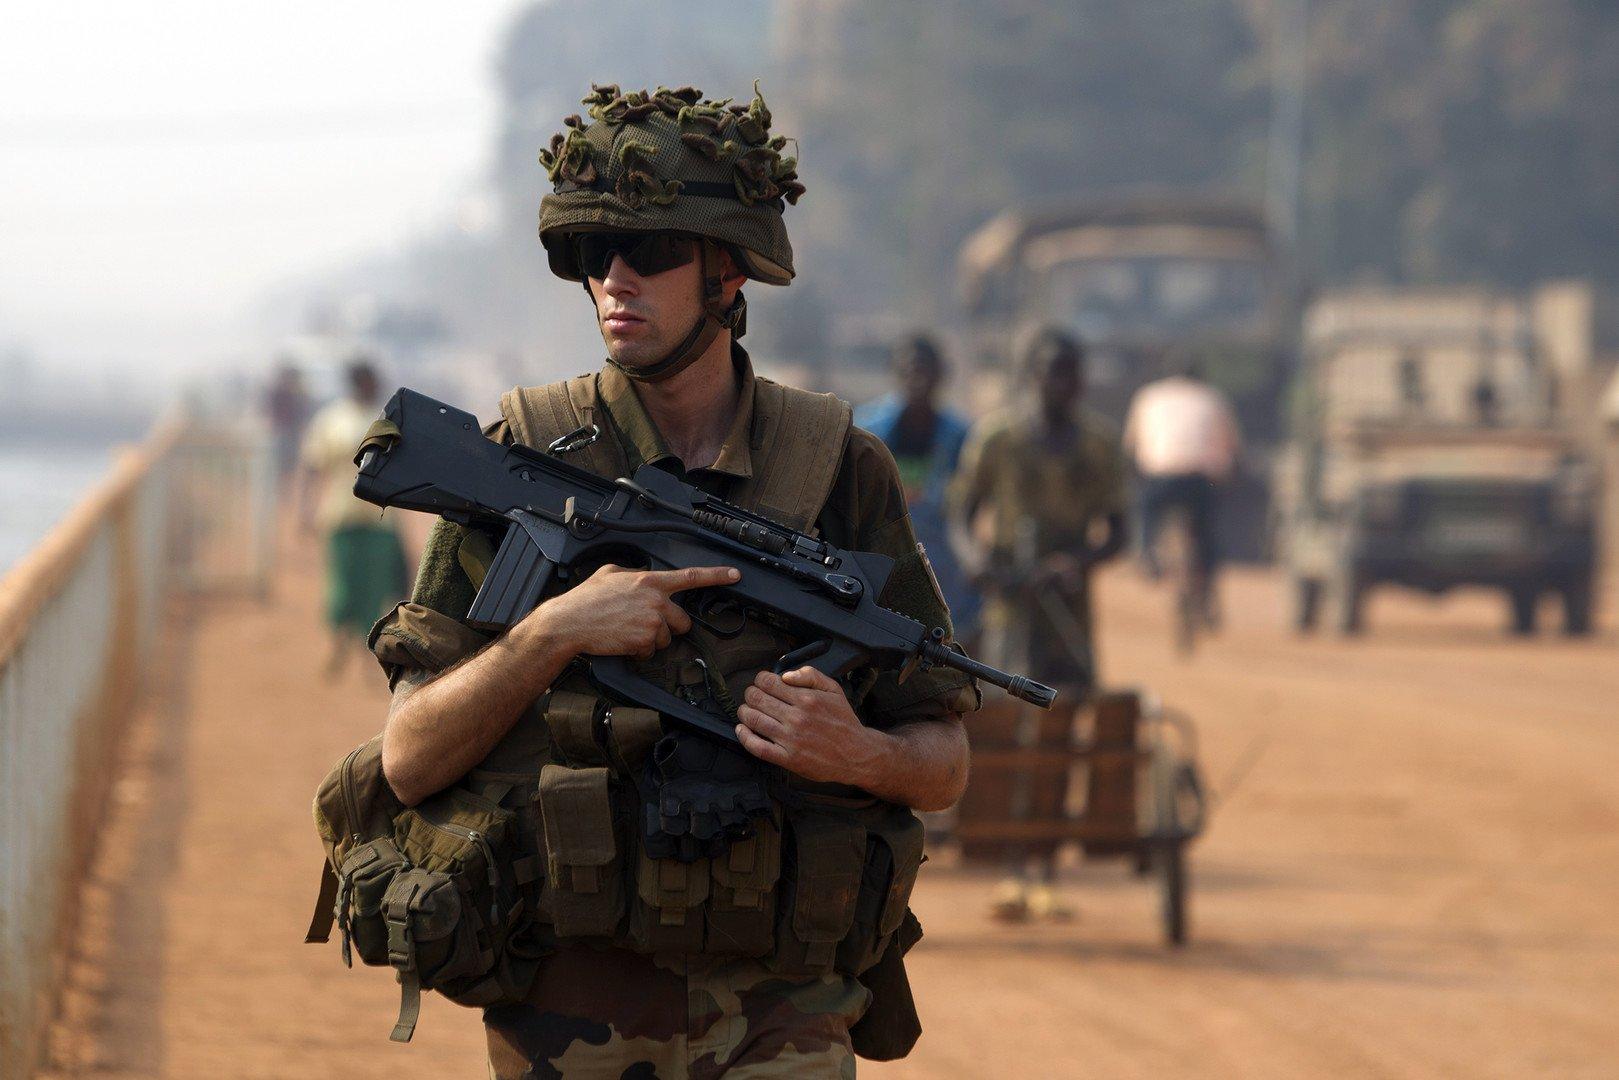 L'Etat islamique recrute dans l'armée française, paras et légionnaires en ligne de mire